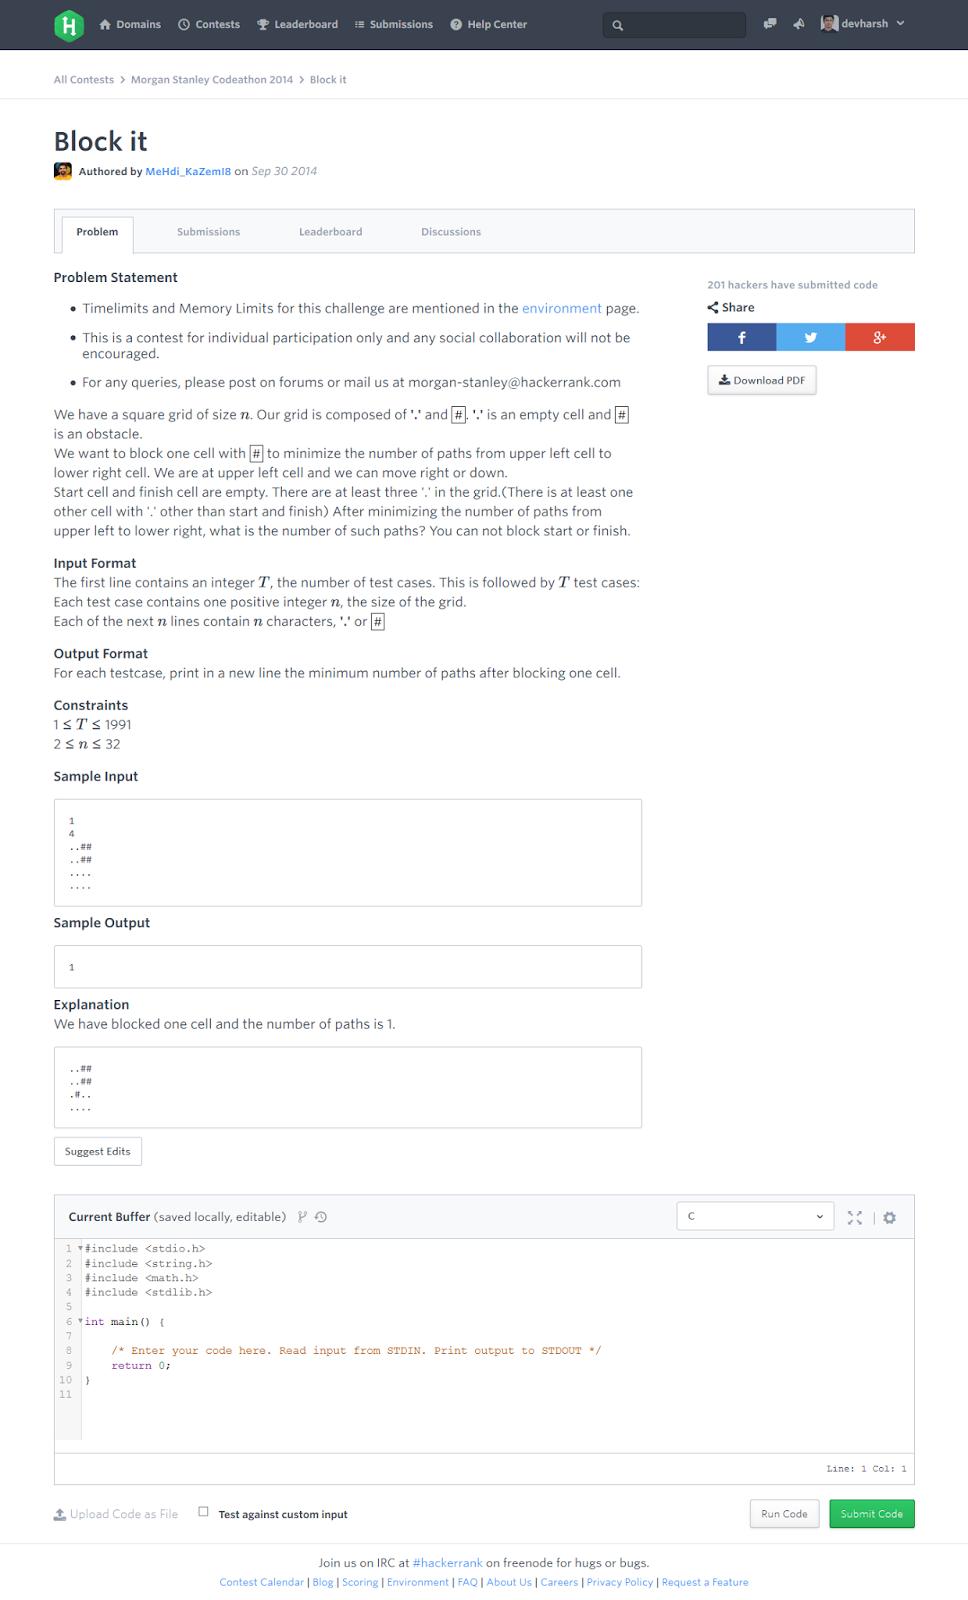 KnowCrazy com: Morgan Stanley Codeathon 2014 Hackerrank Challenges